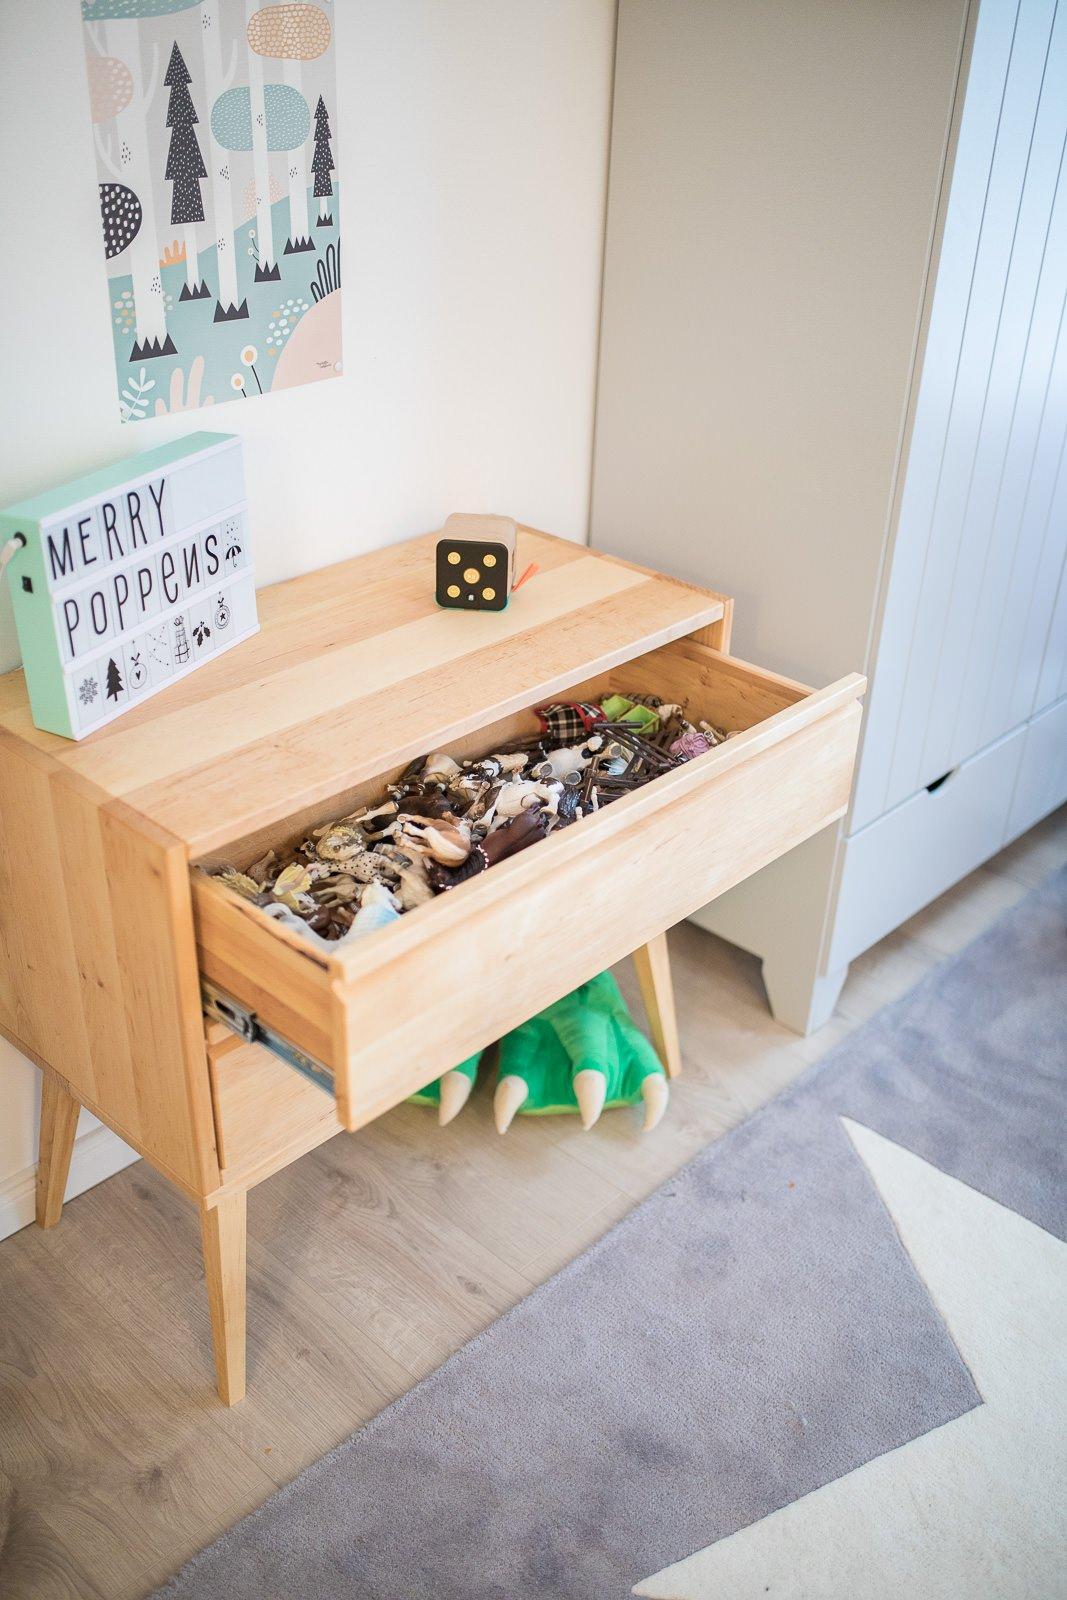 nena s kinderzimmer ist fertig wollt ihr mal sehen. Black Bedroom Furniture Sets. Home Design Ideas